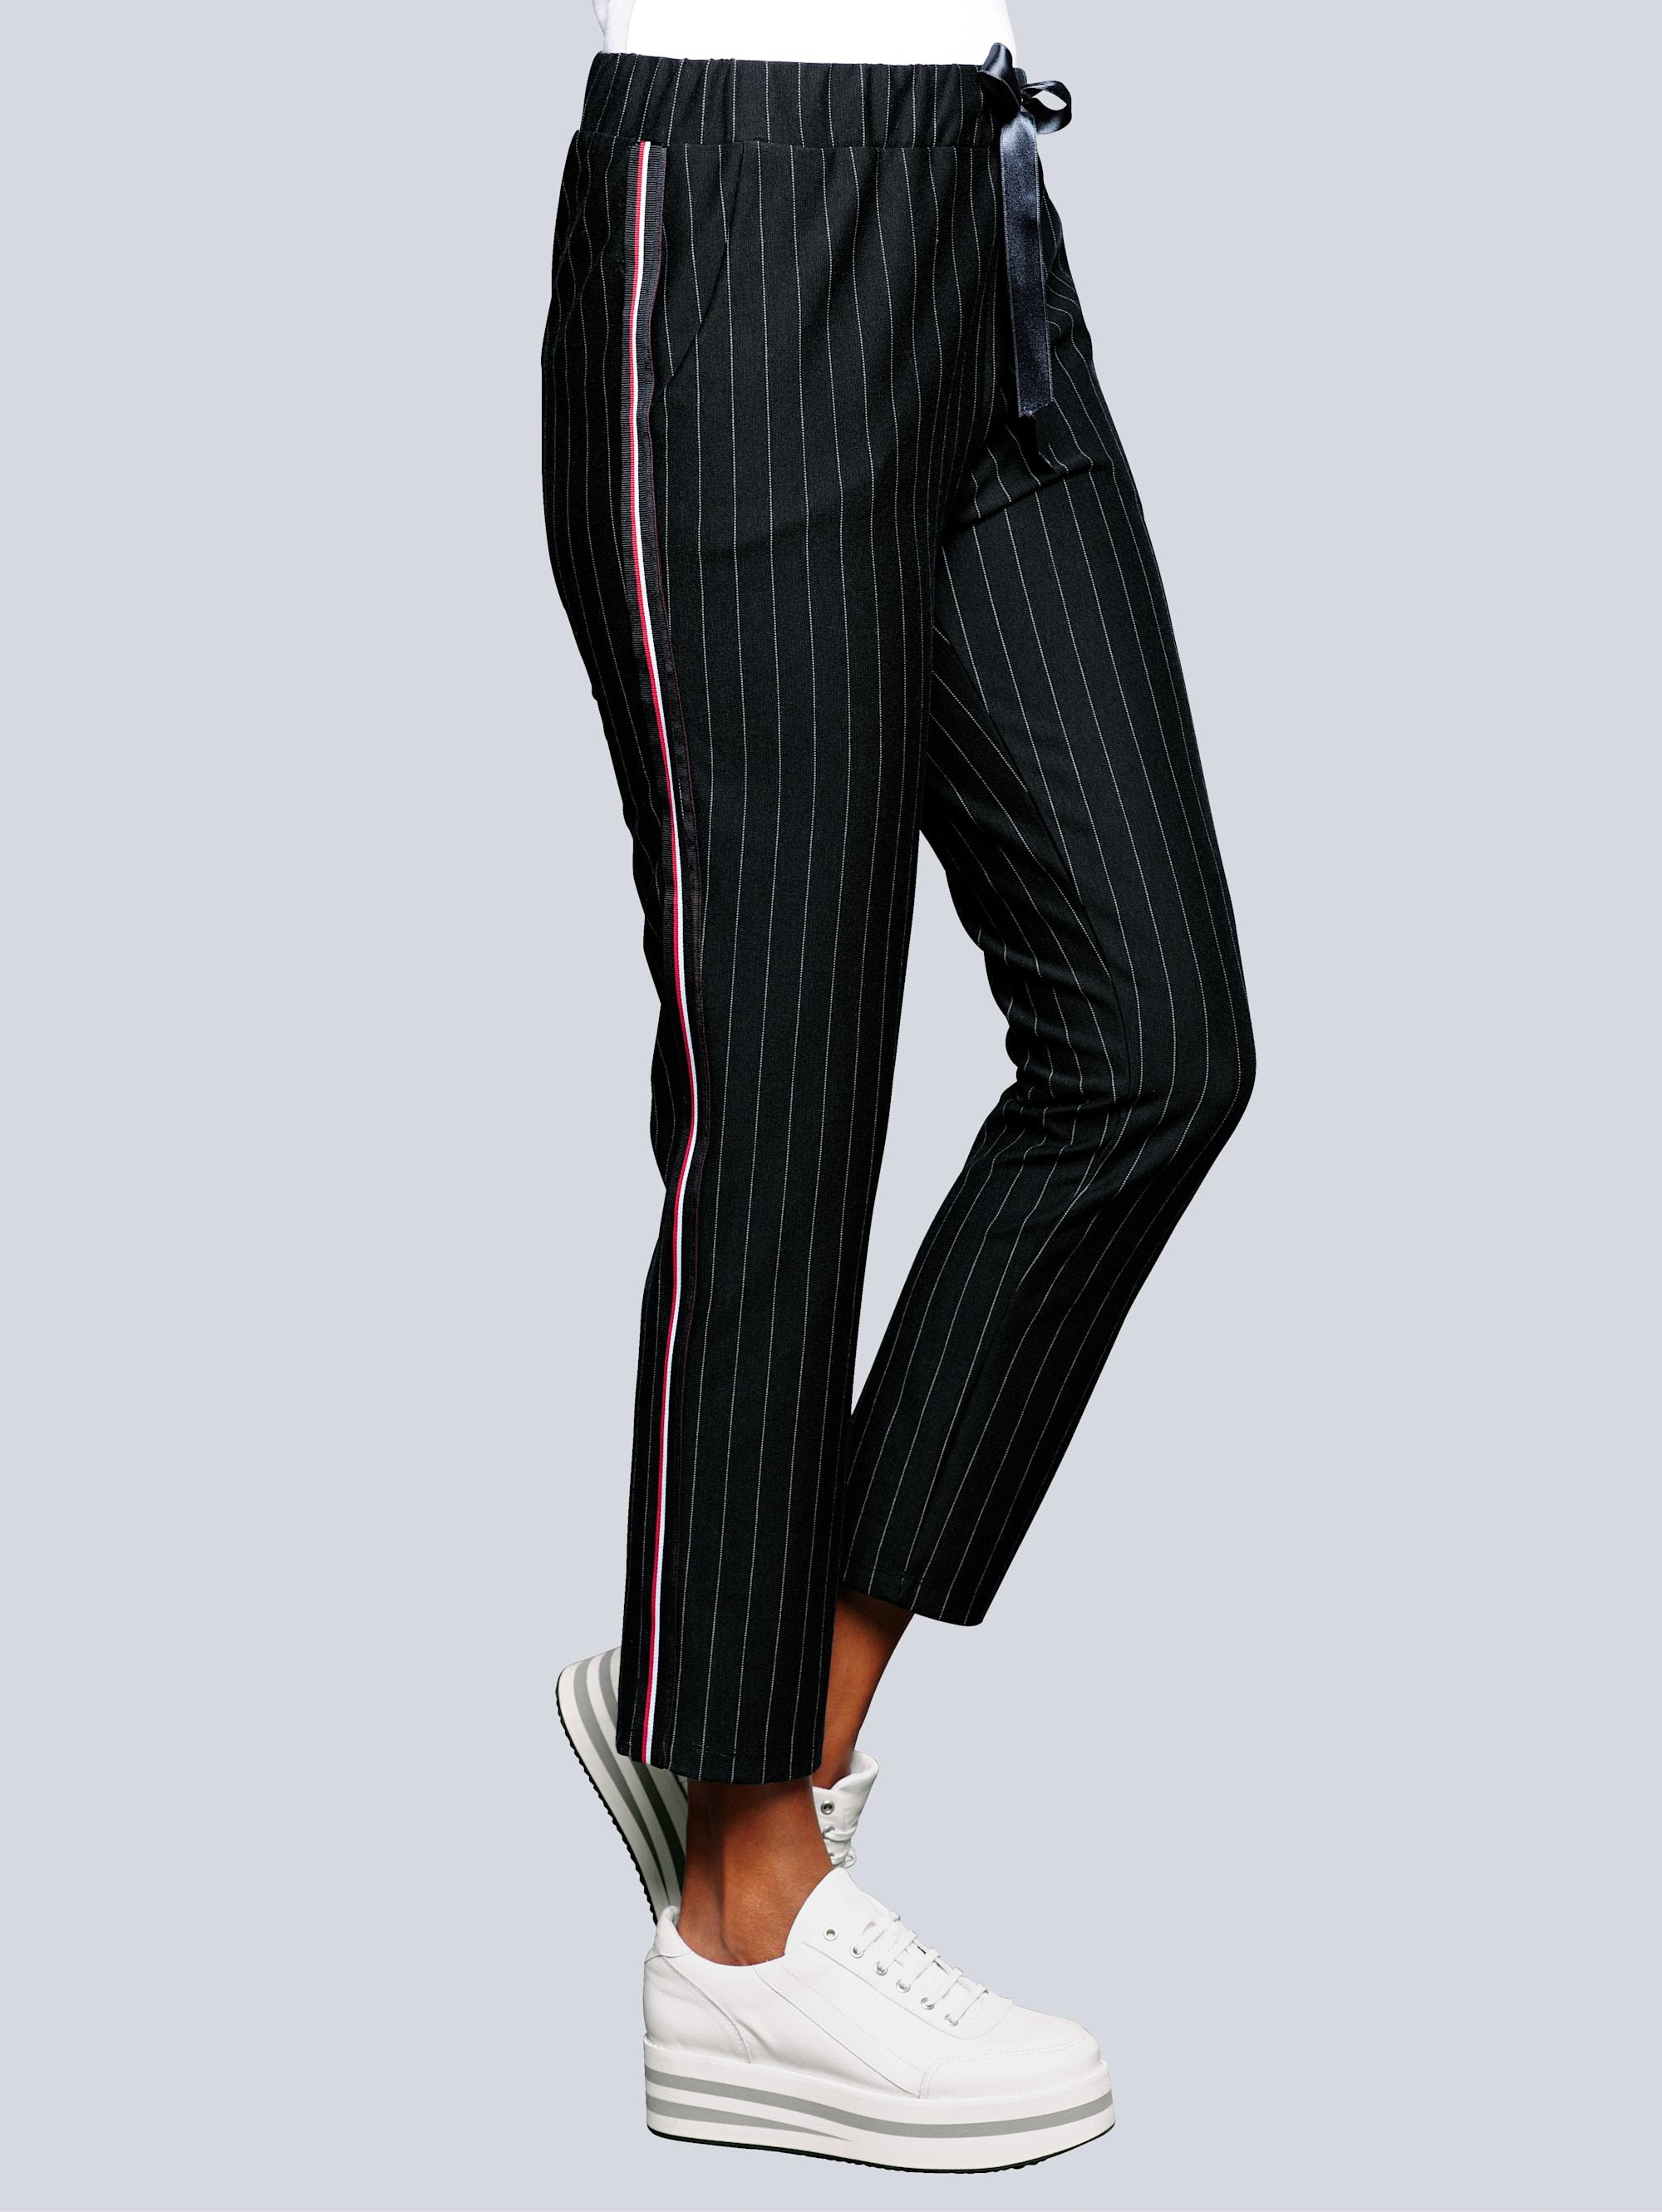 alba moda -  Hose in modischem Nadelstreifen Dessin